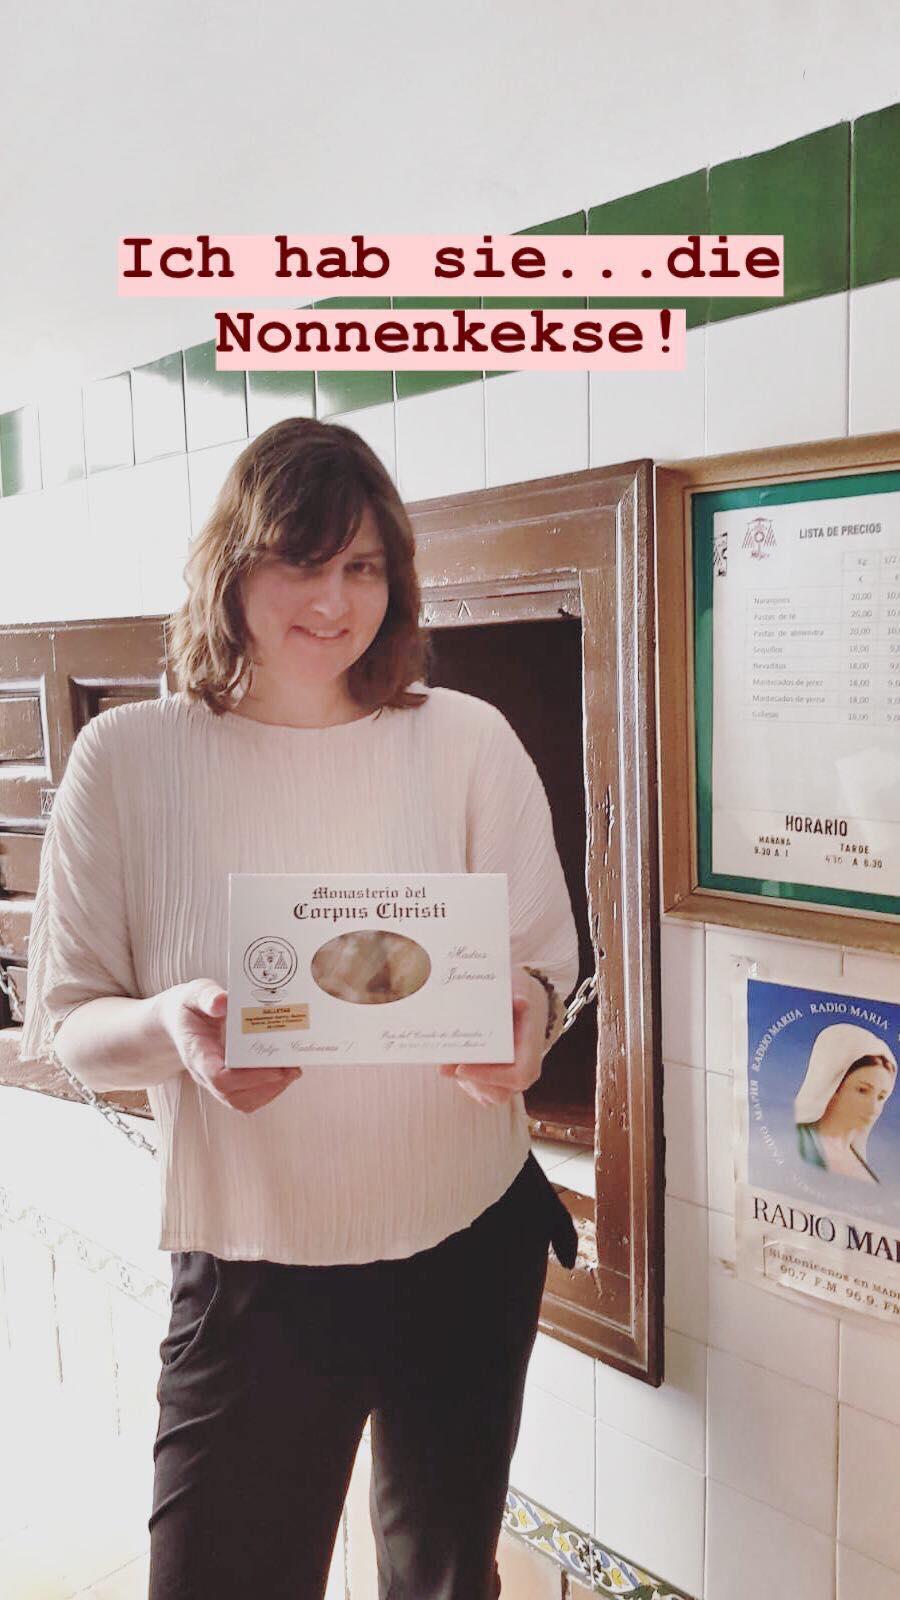 Kekse kaufen im Kloster in Madrid.